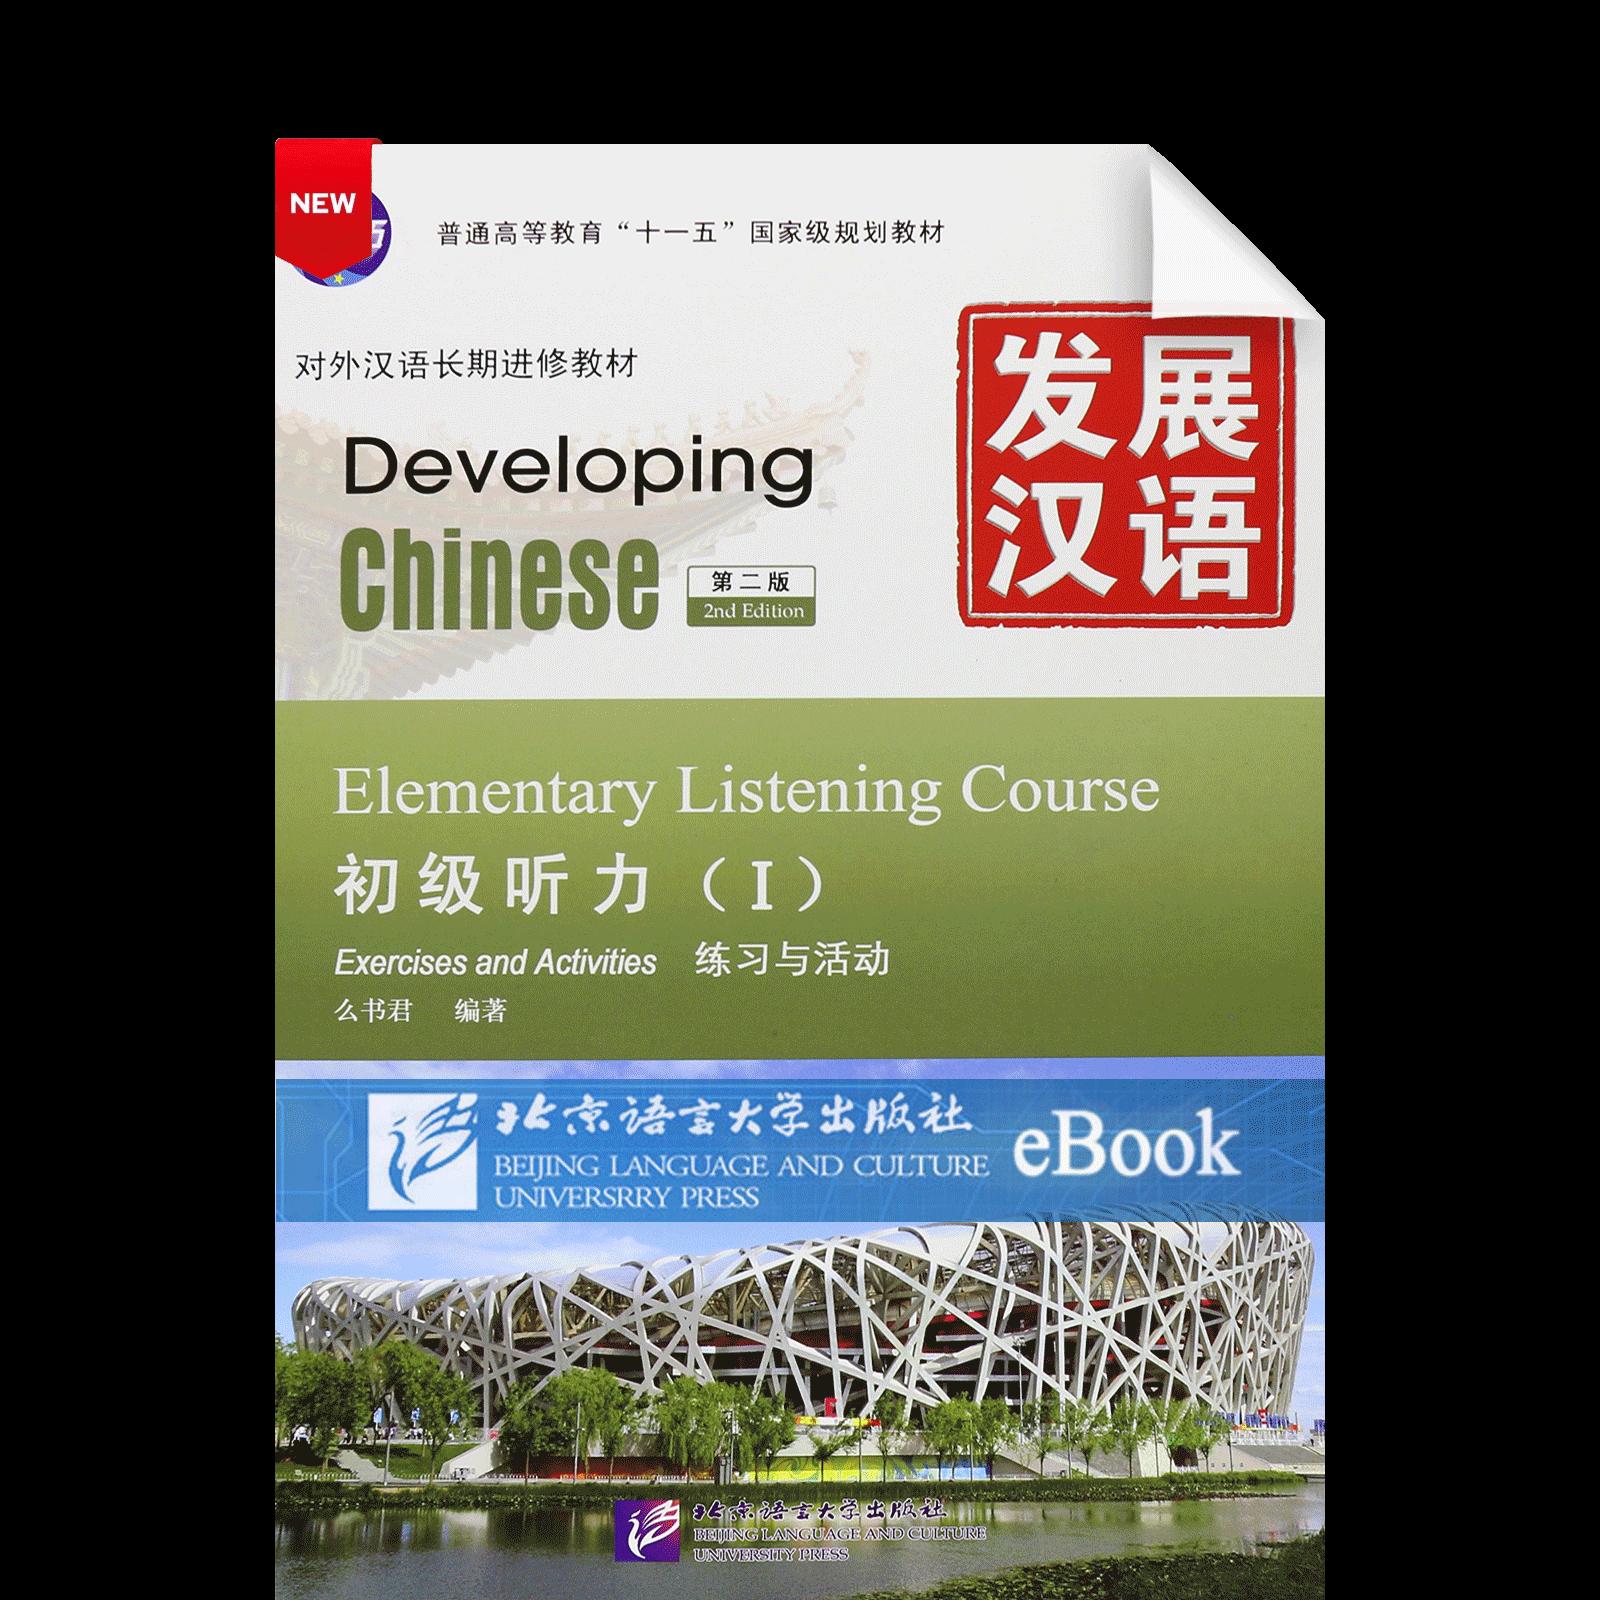 Developing Chinese Fazhan Hanyu Di2Ban Chuji Tingli Lianxi Huodong Di1Ce